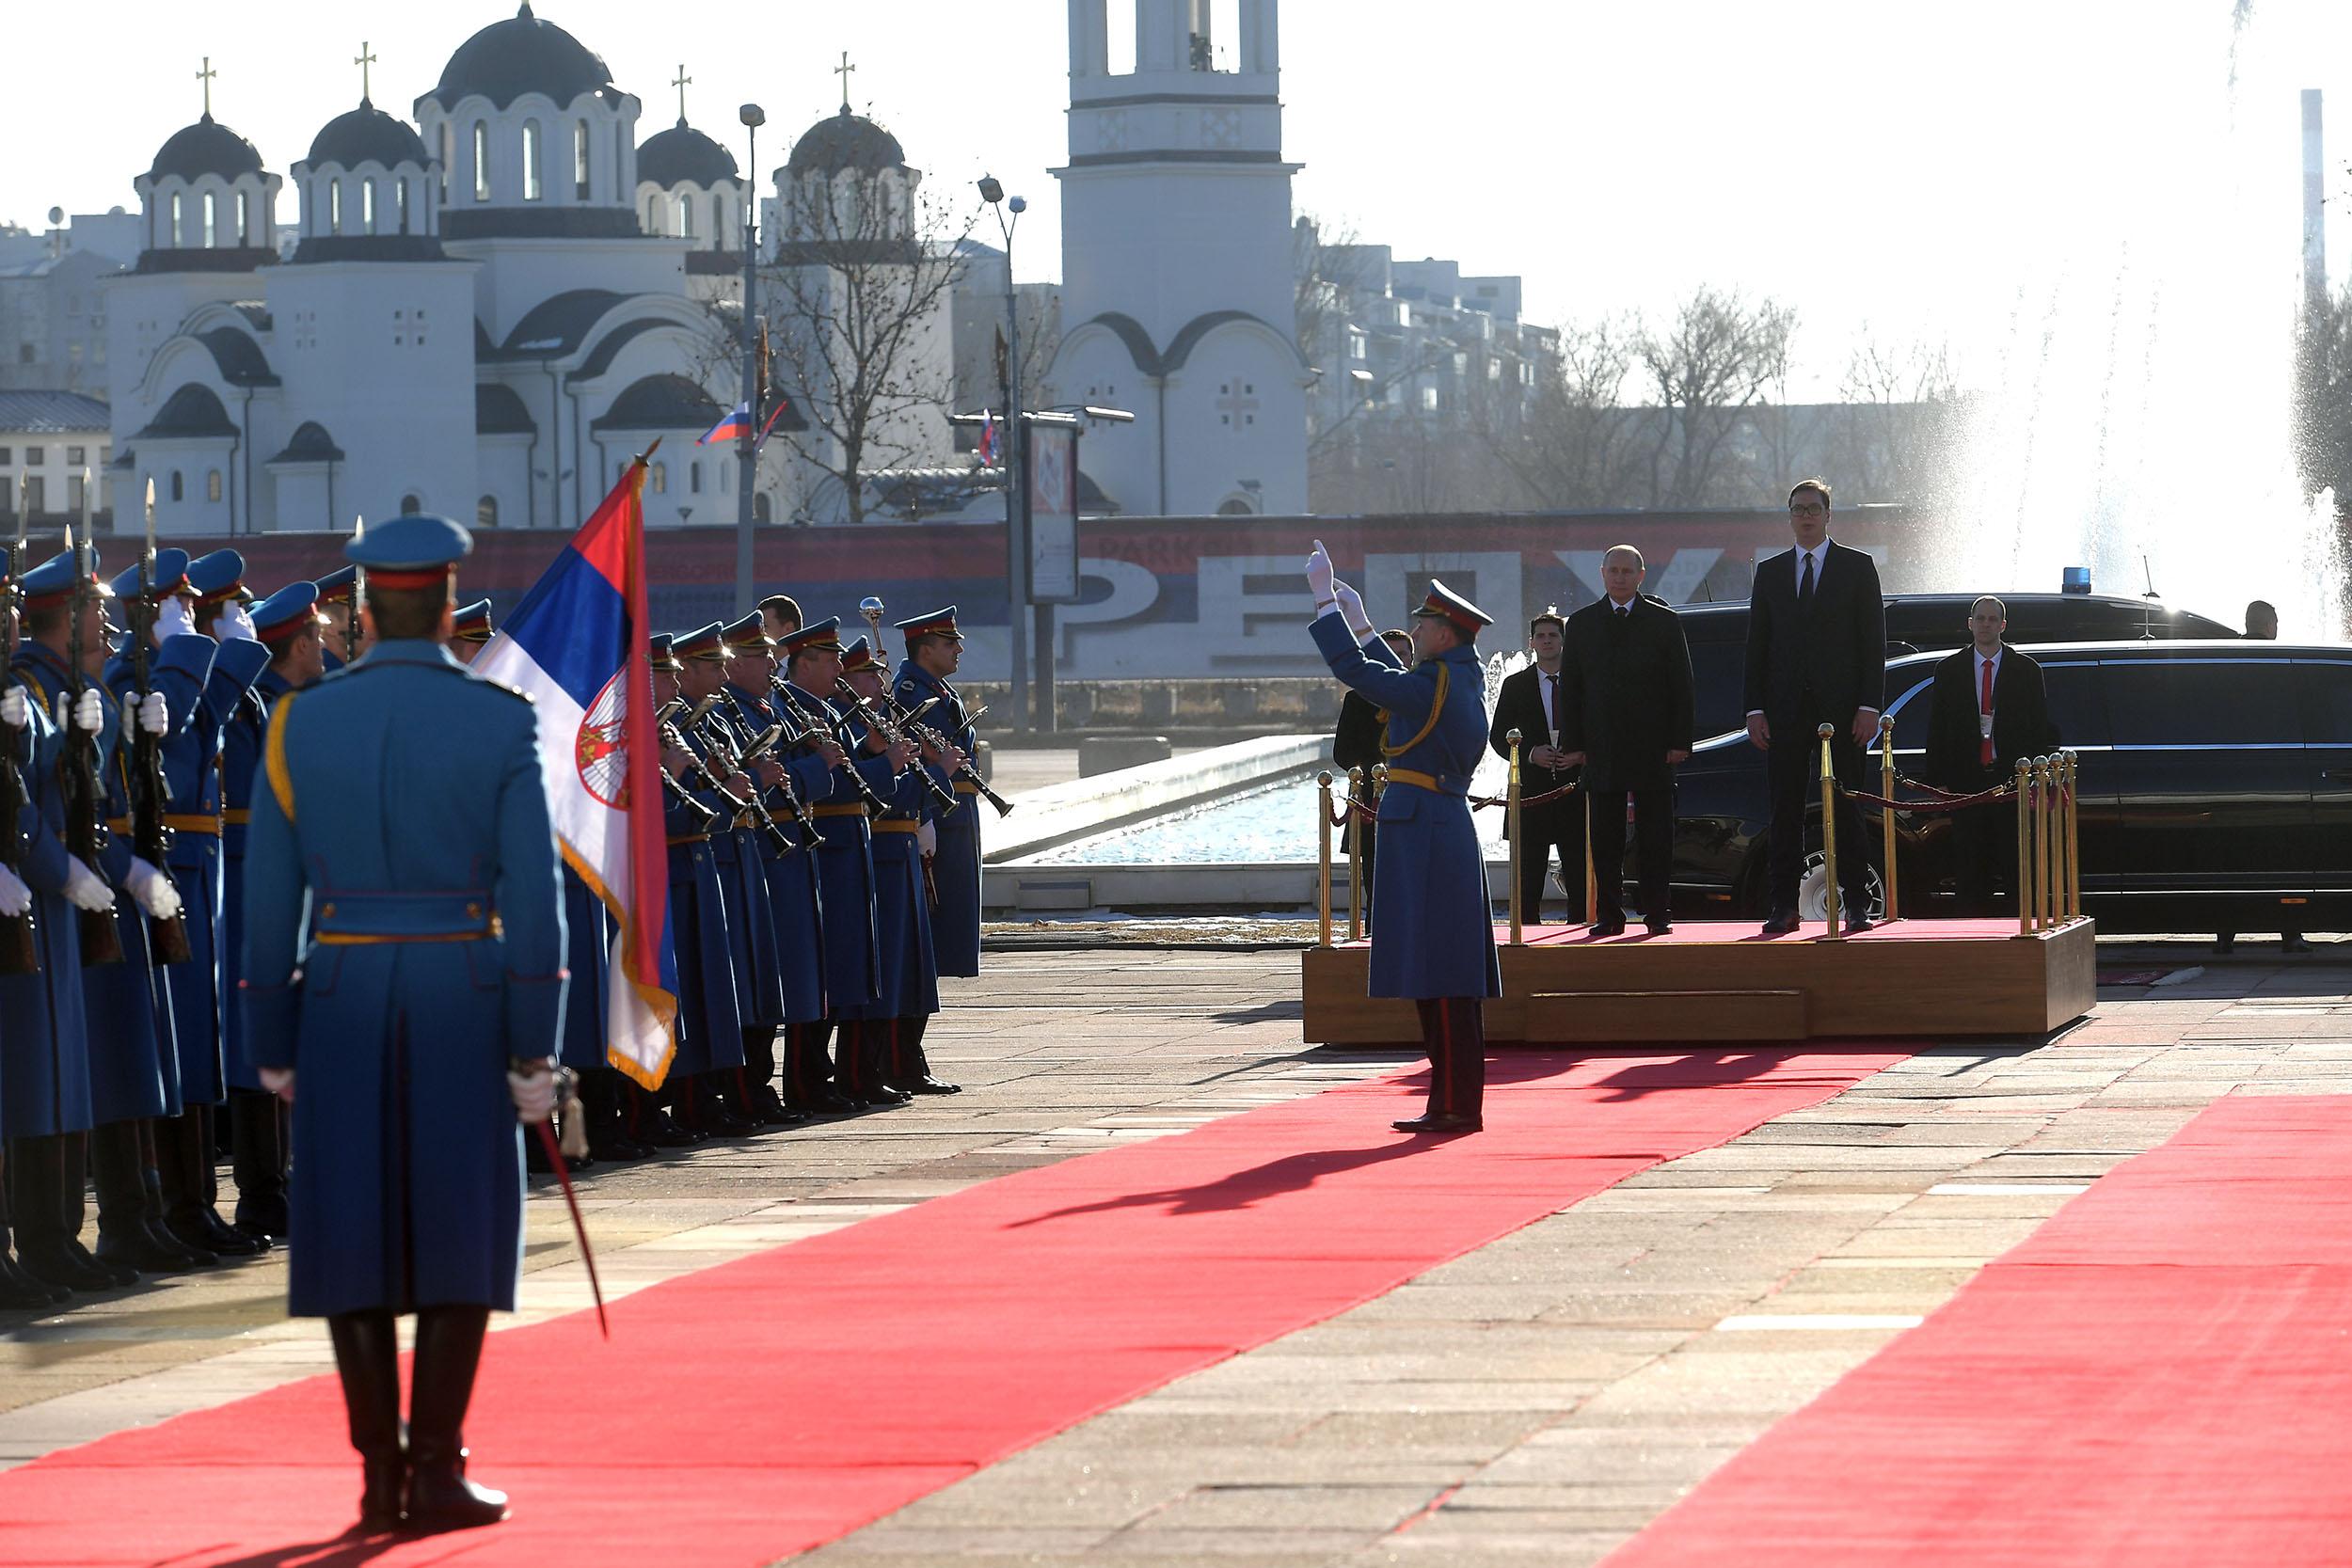 Србија - последњи цивилизацијски савезник Русије